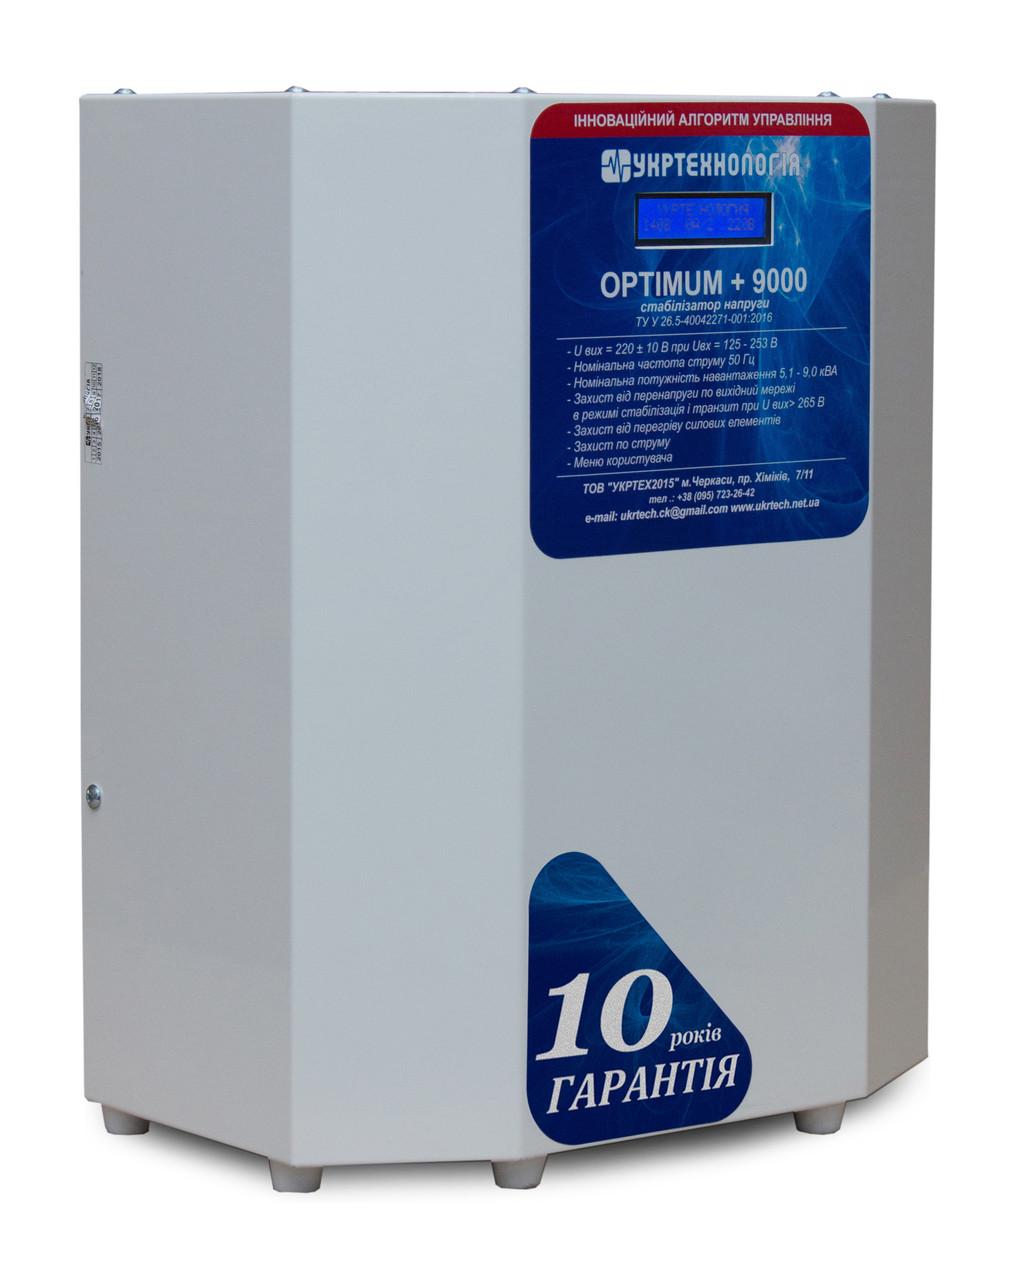 Стабилизатор напряжения Укртехнология НСН-9000 Optimum+